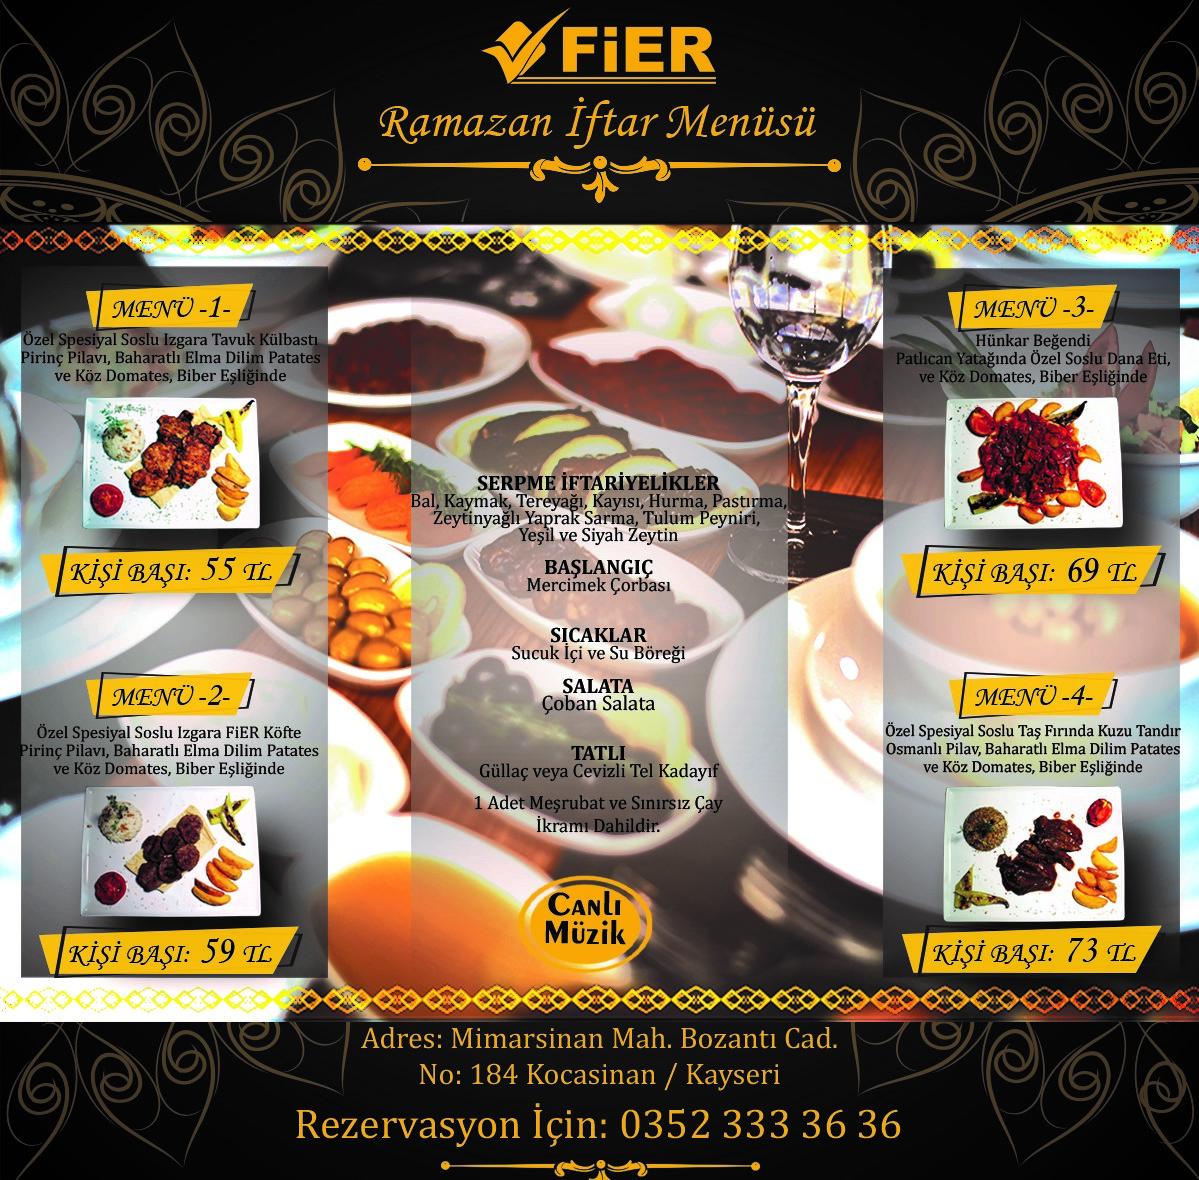 fier otel restaurant kayseri iftar menü